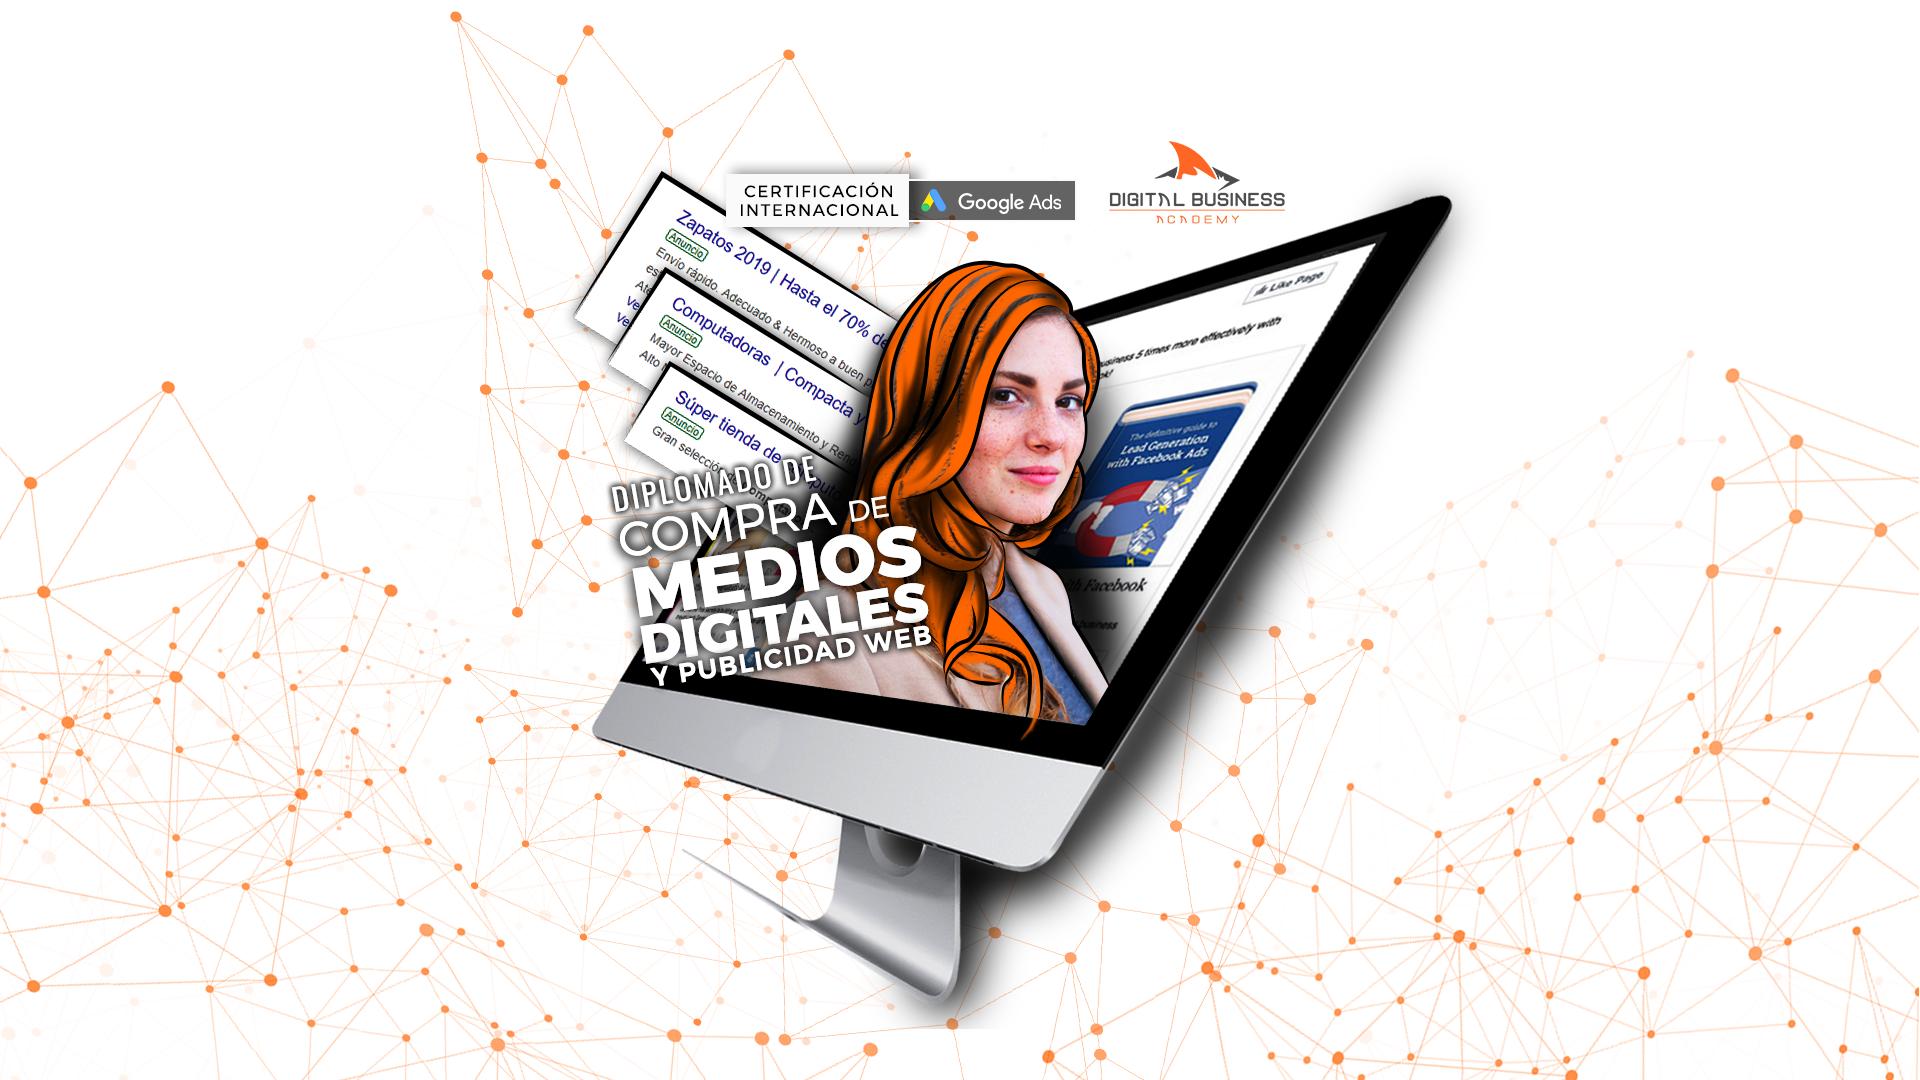 LP_COMPRA DE MEDIOS_dba-1